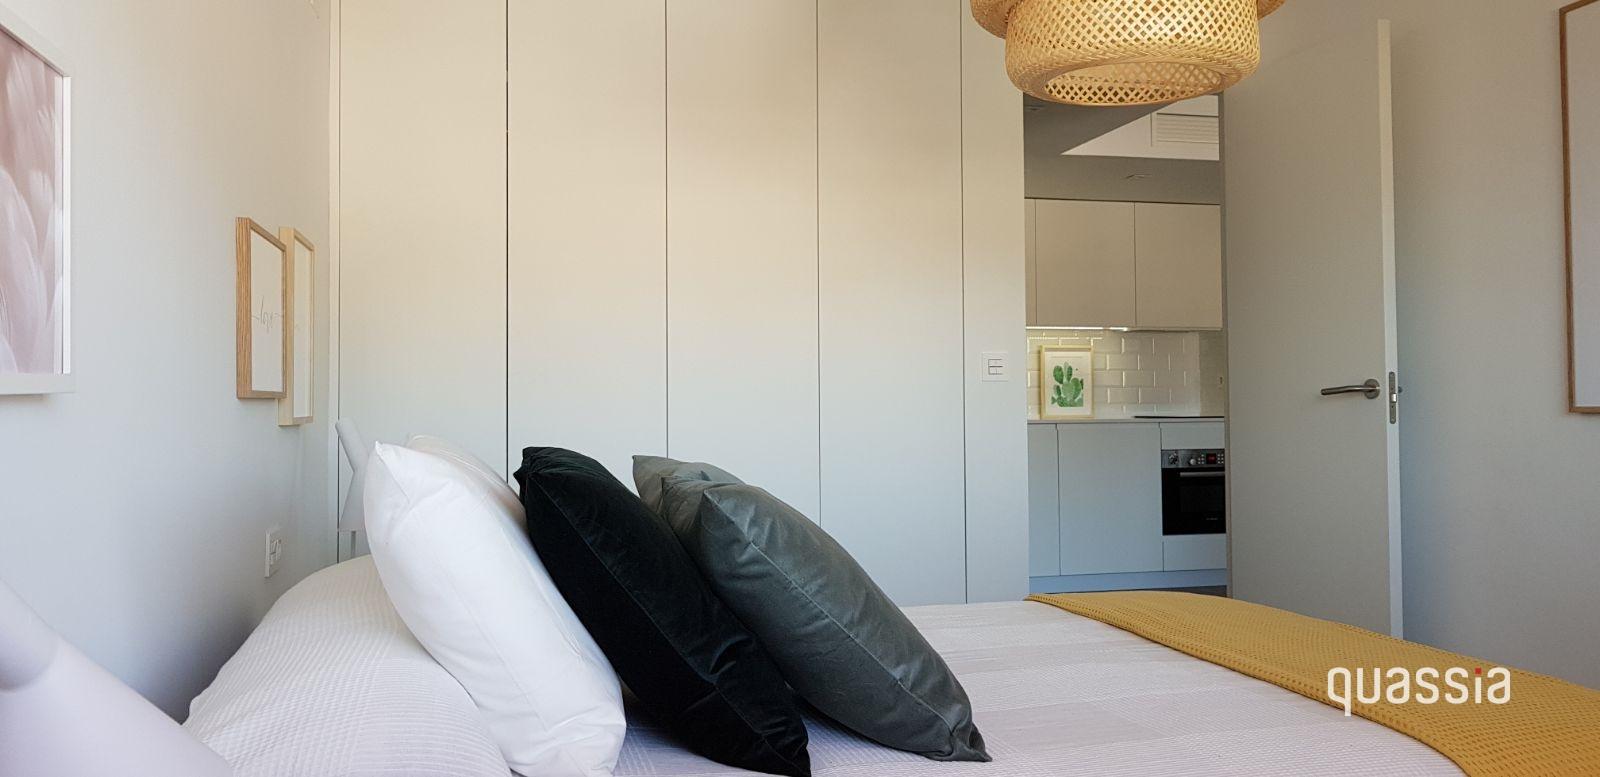 Reforma apartamento Fuengirola por Quassia (23)